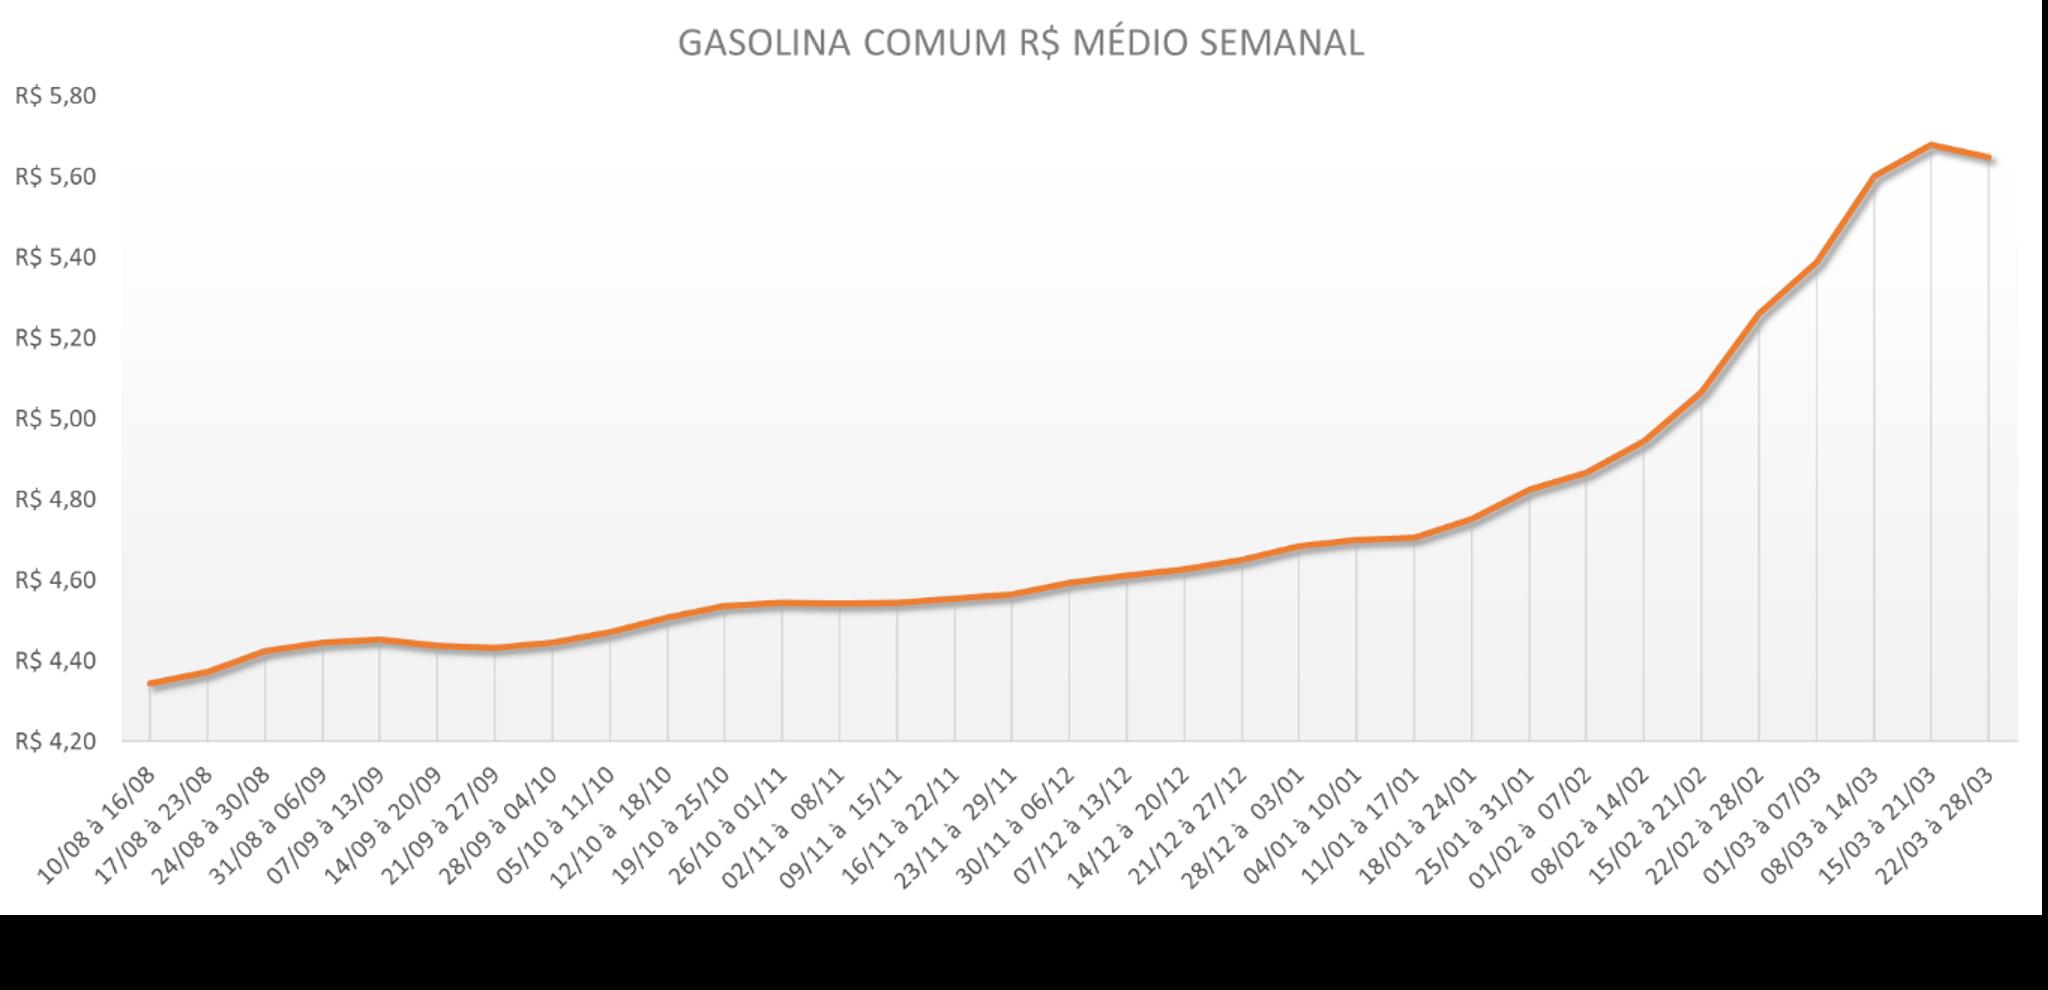 Tabela com a variação média semanal da Gasolina Comum